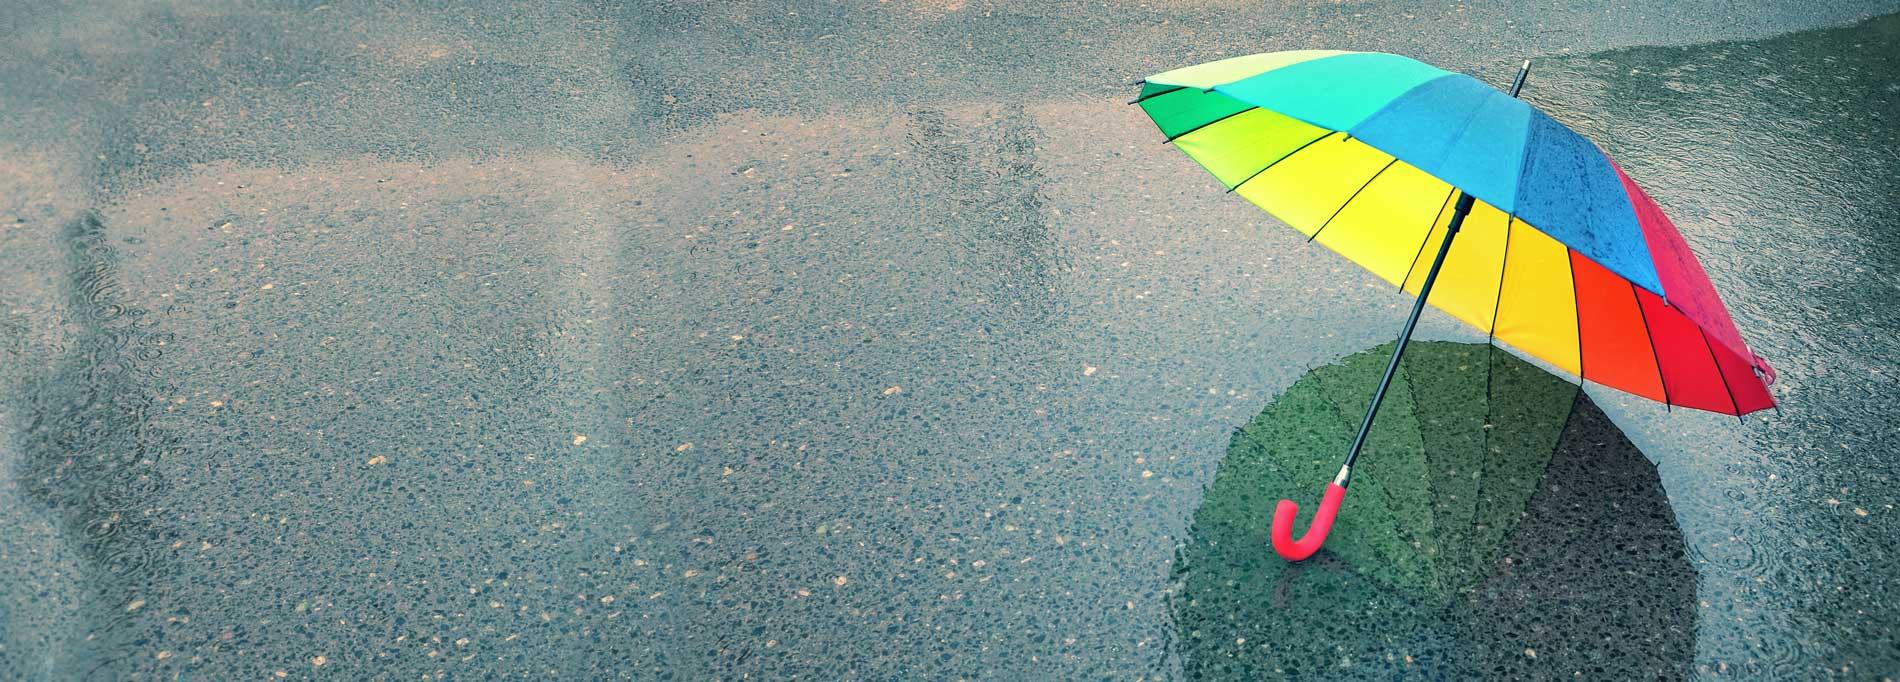 Wetter und Schlaganfall-Risiko